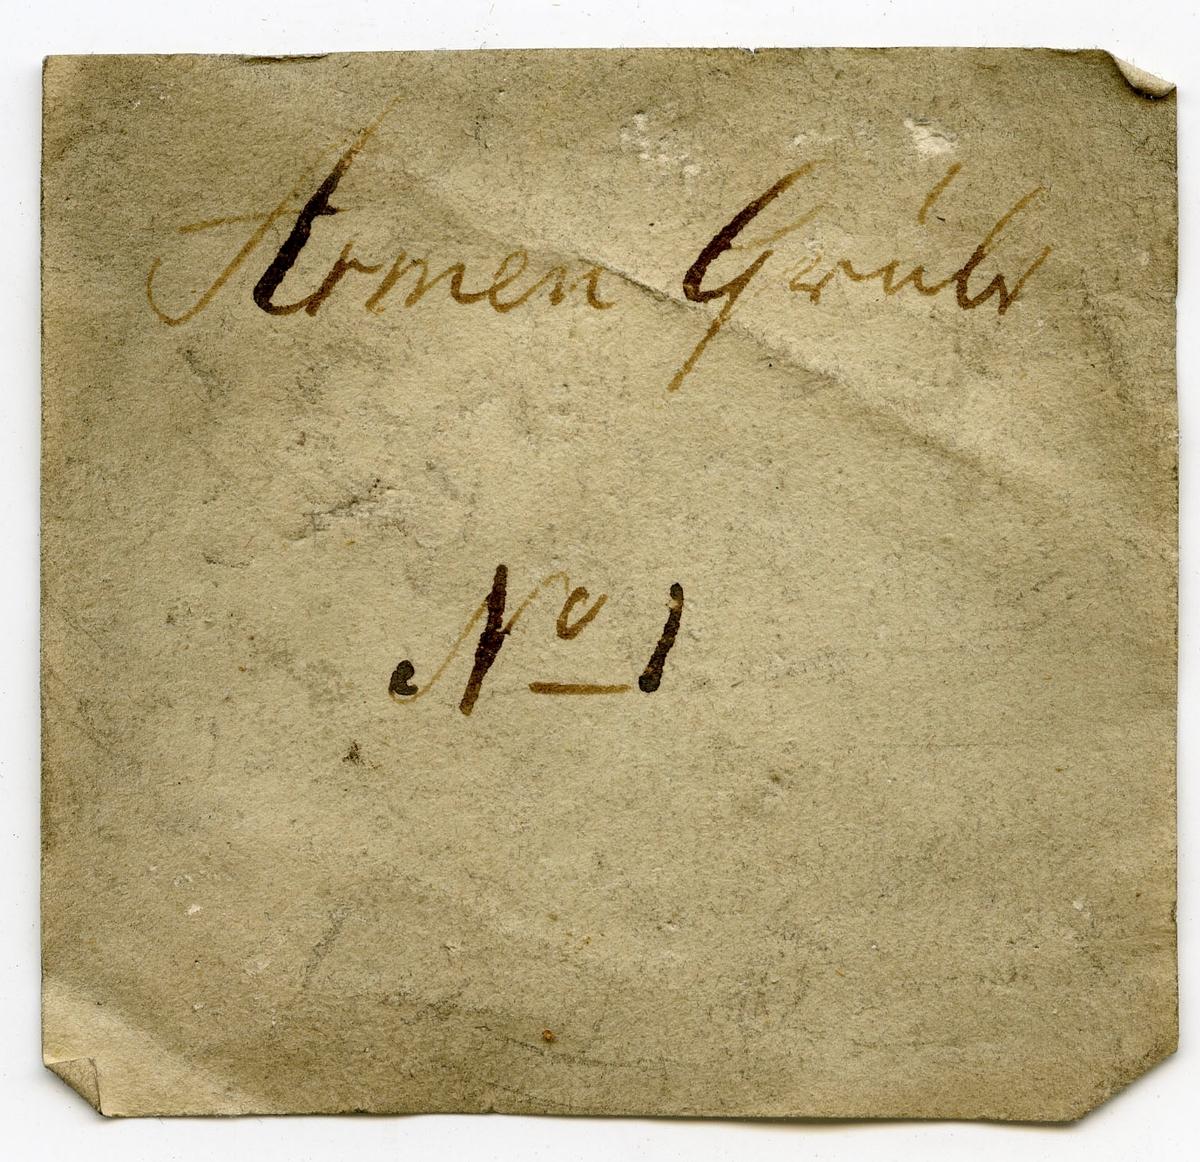 Etikett på prøve: Armen gr. 1.  Etikett i eske: Armen Grube No. 1